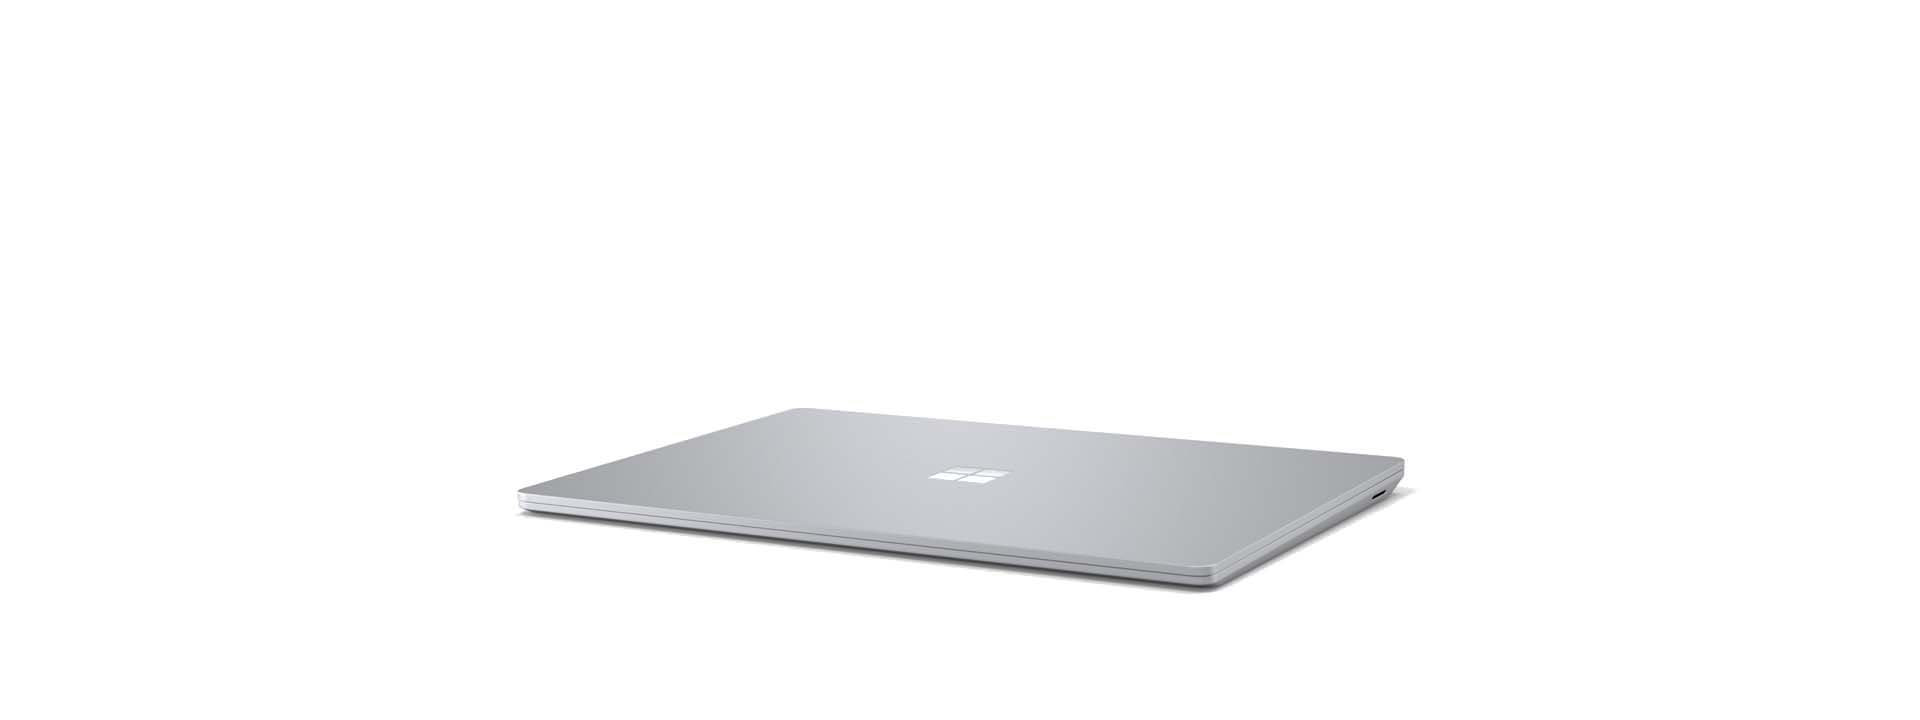 A folded Surface Laptop 3